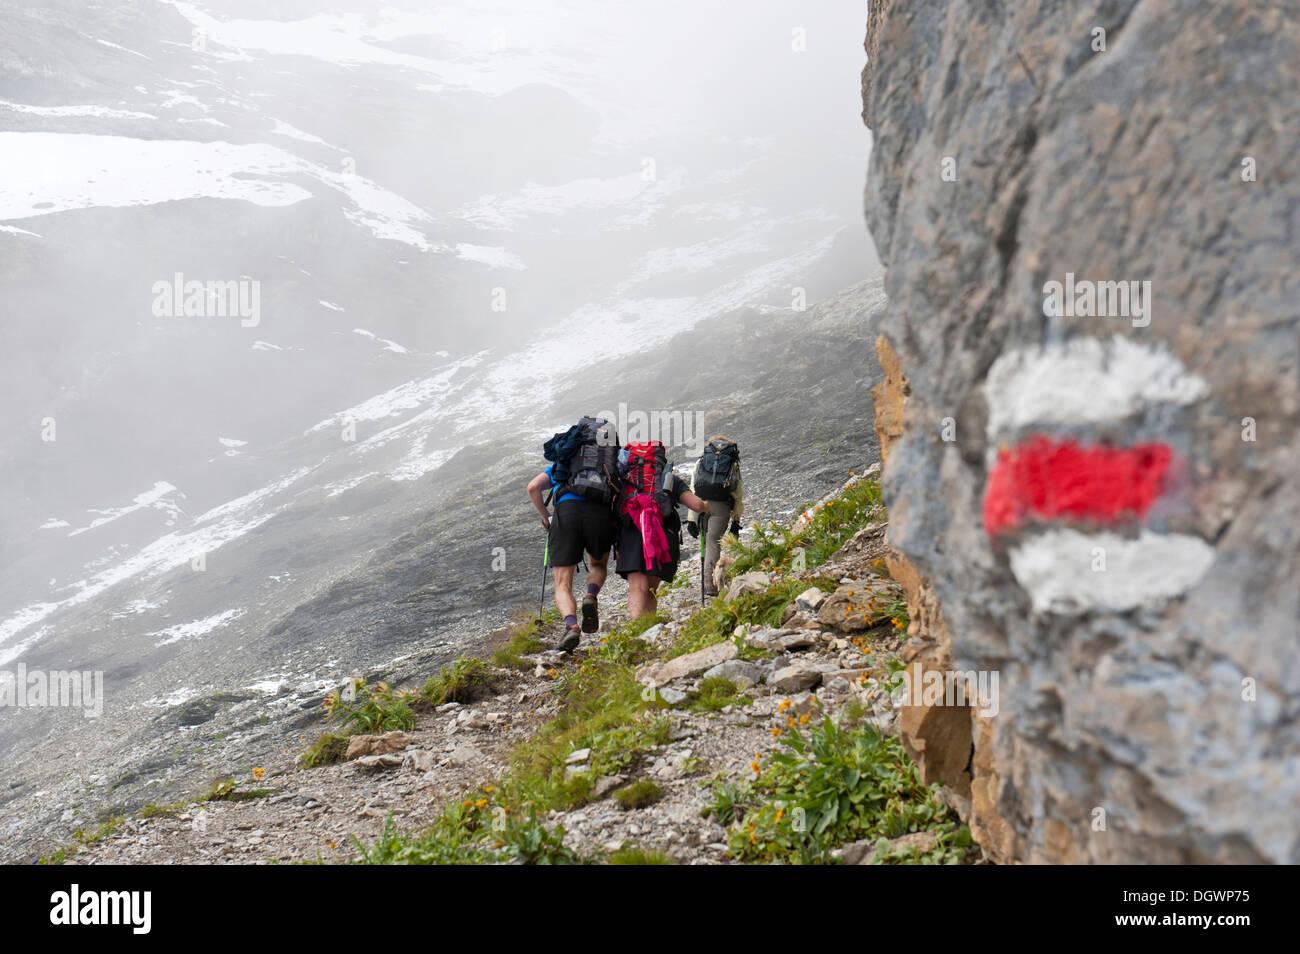 Balisage rouge et blanc sur les rochers, sentier de randonnée Trek de l'ours, les randonneurs sur le chemin jusqu'au col dans le brouillard, Col Hohtürli, Kandersteg Photo Stock